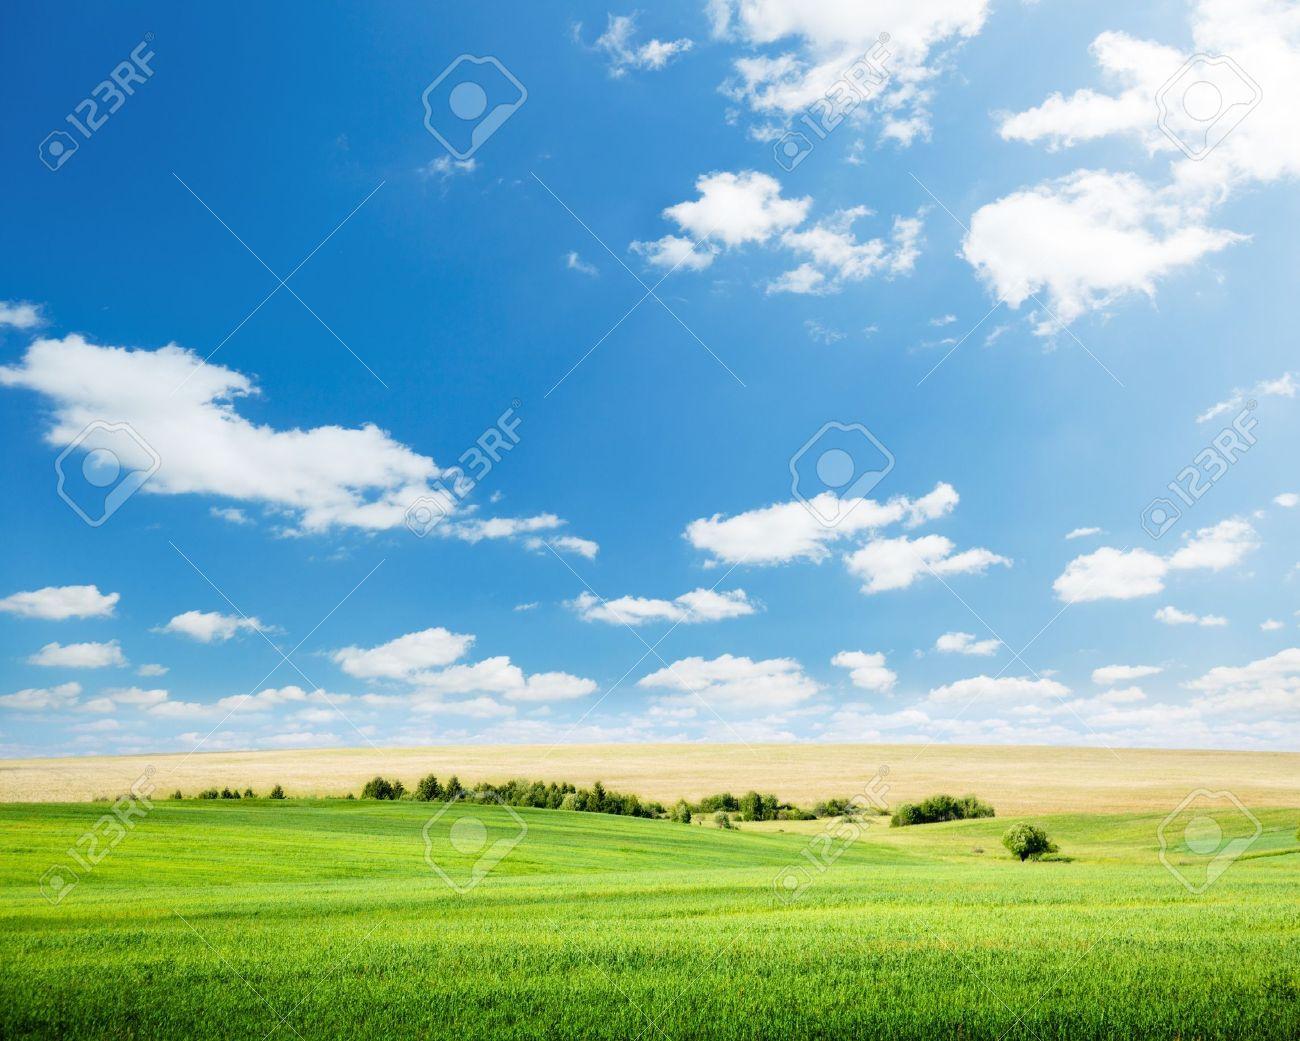 oat field and sunny sky Stock Photo - 7885225